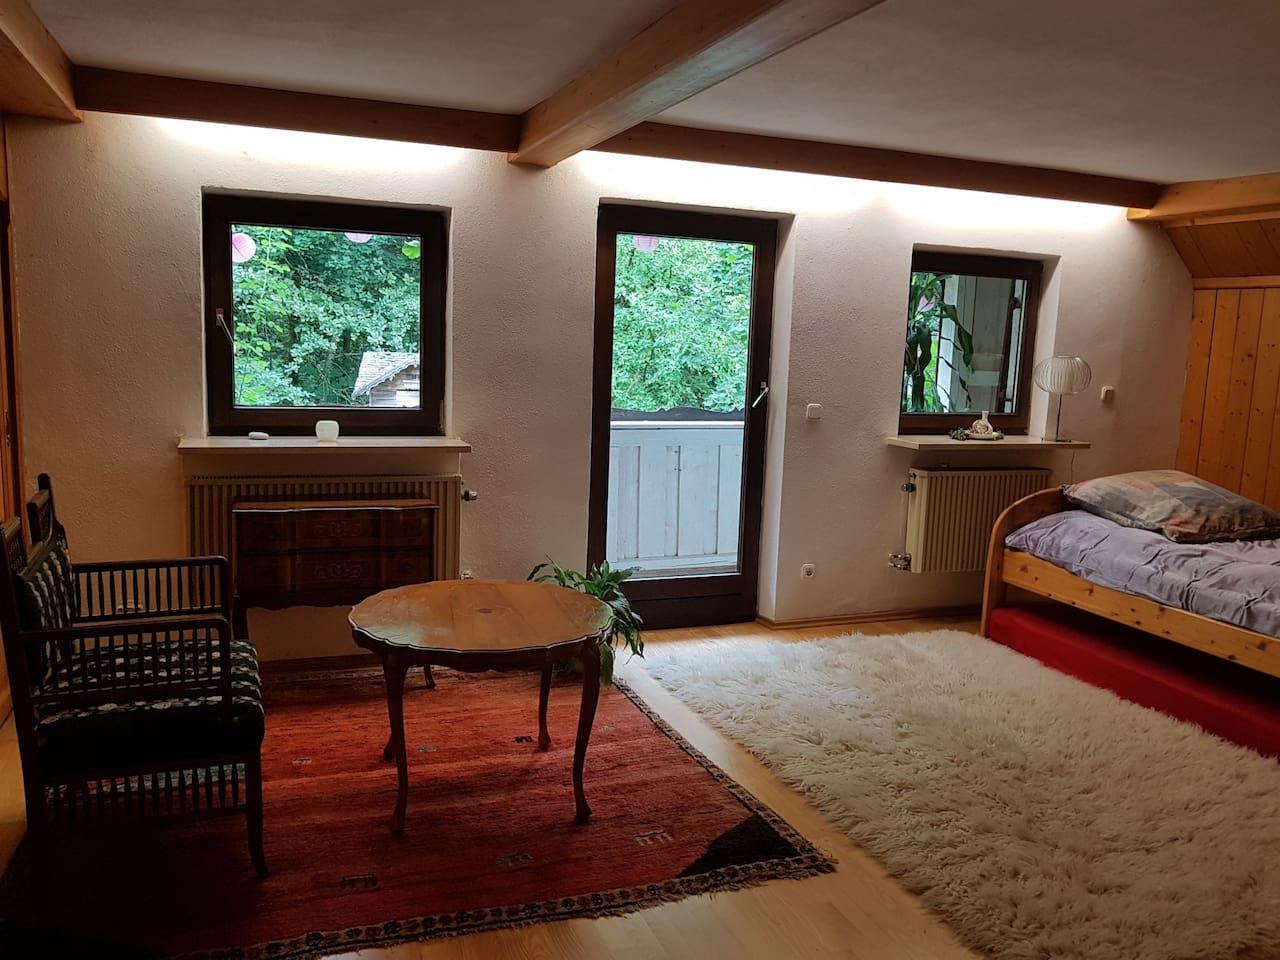 Das Zimmer hat sehr schöne Einbauschränke aus Holz, von denen ein großer leer ist. Der Balkon ist noch nicht perfekt, braucht einen neuen Boden, aber sehr romantisch